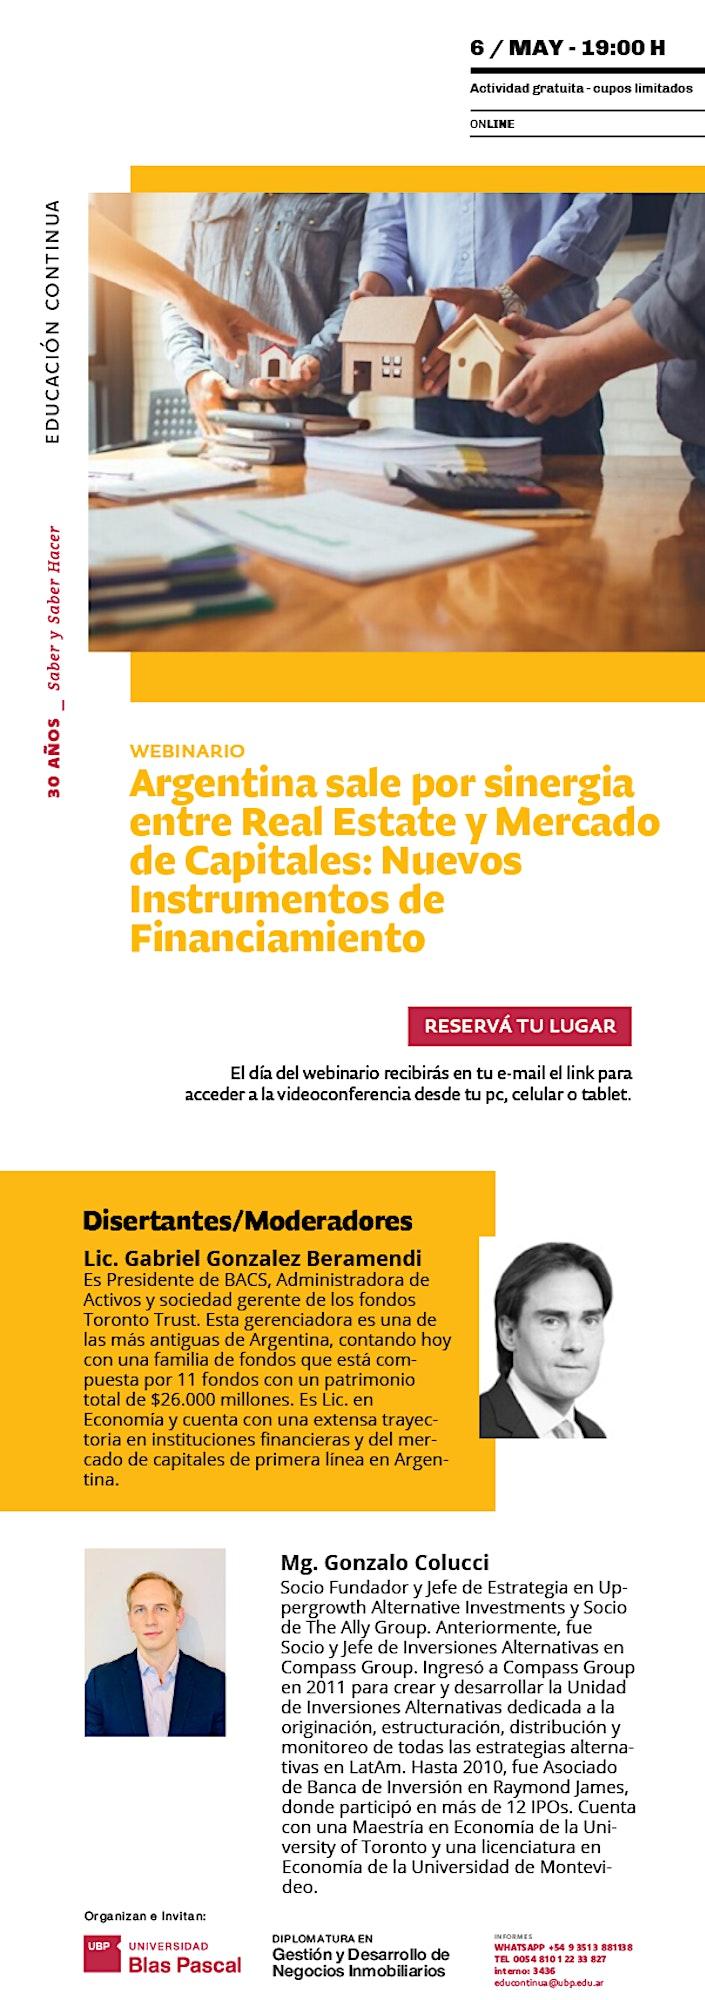 Imagen de Webinario> Nuevos instrumentos de Financiamiento